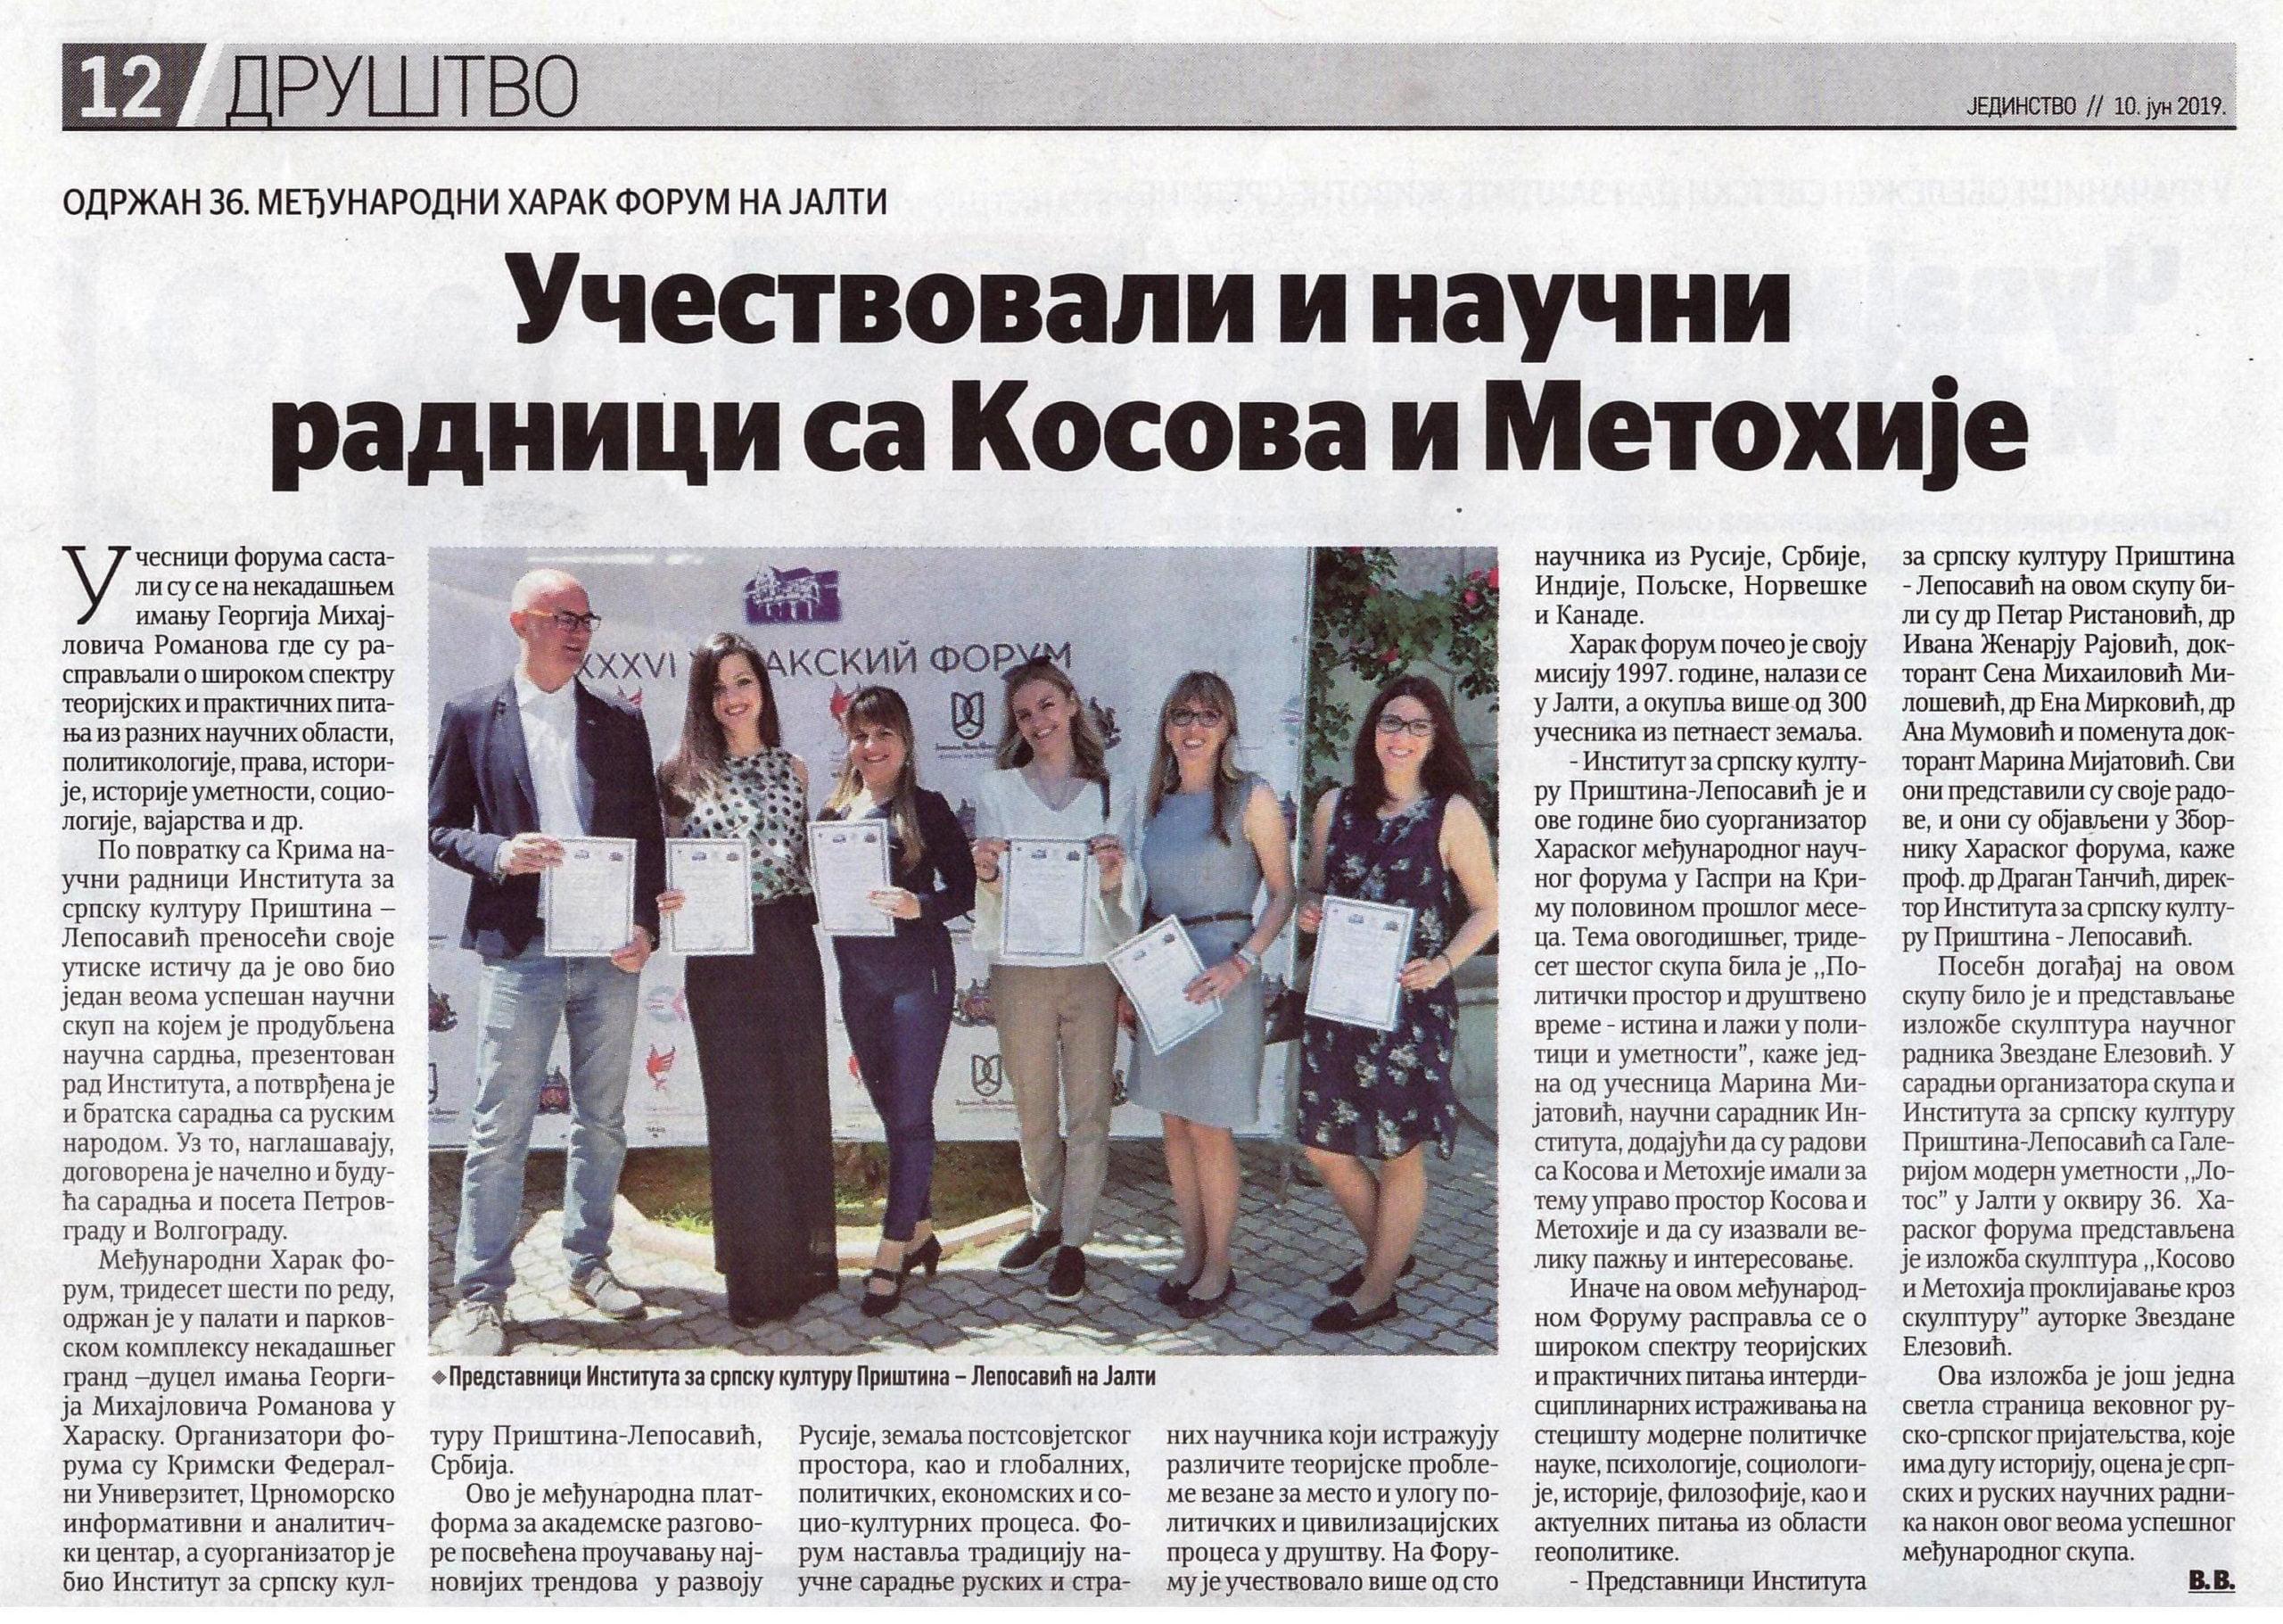 Истраживачи Института за српску културу Приштина - Лепосавић на 36. међународном Харак форуму на Јалти